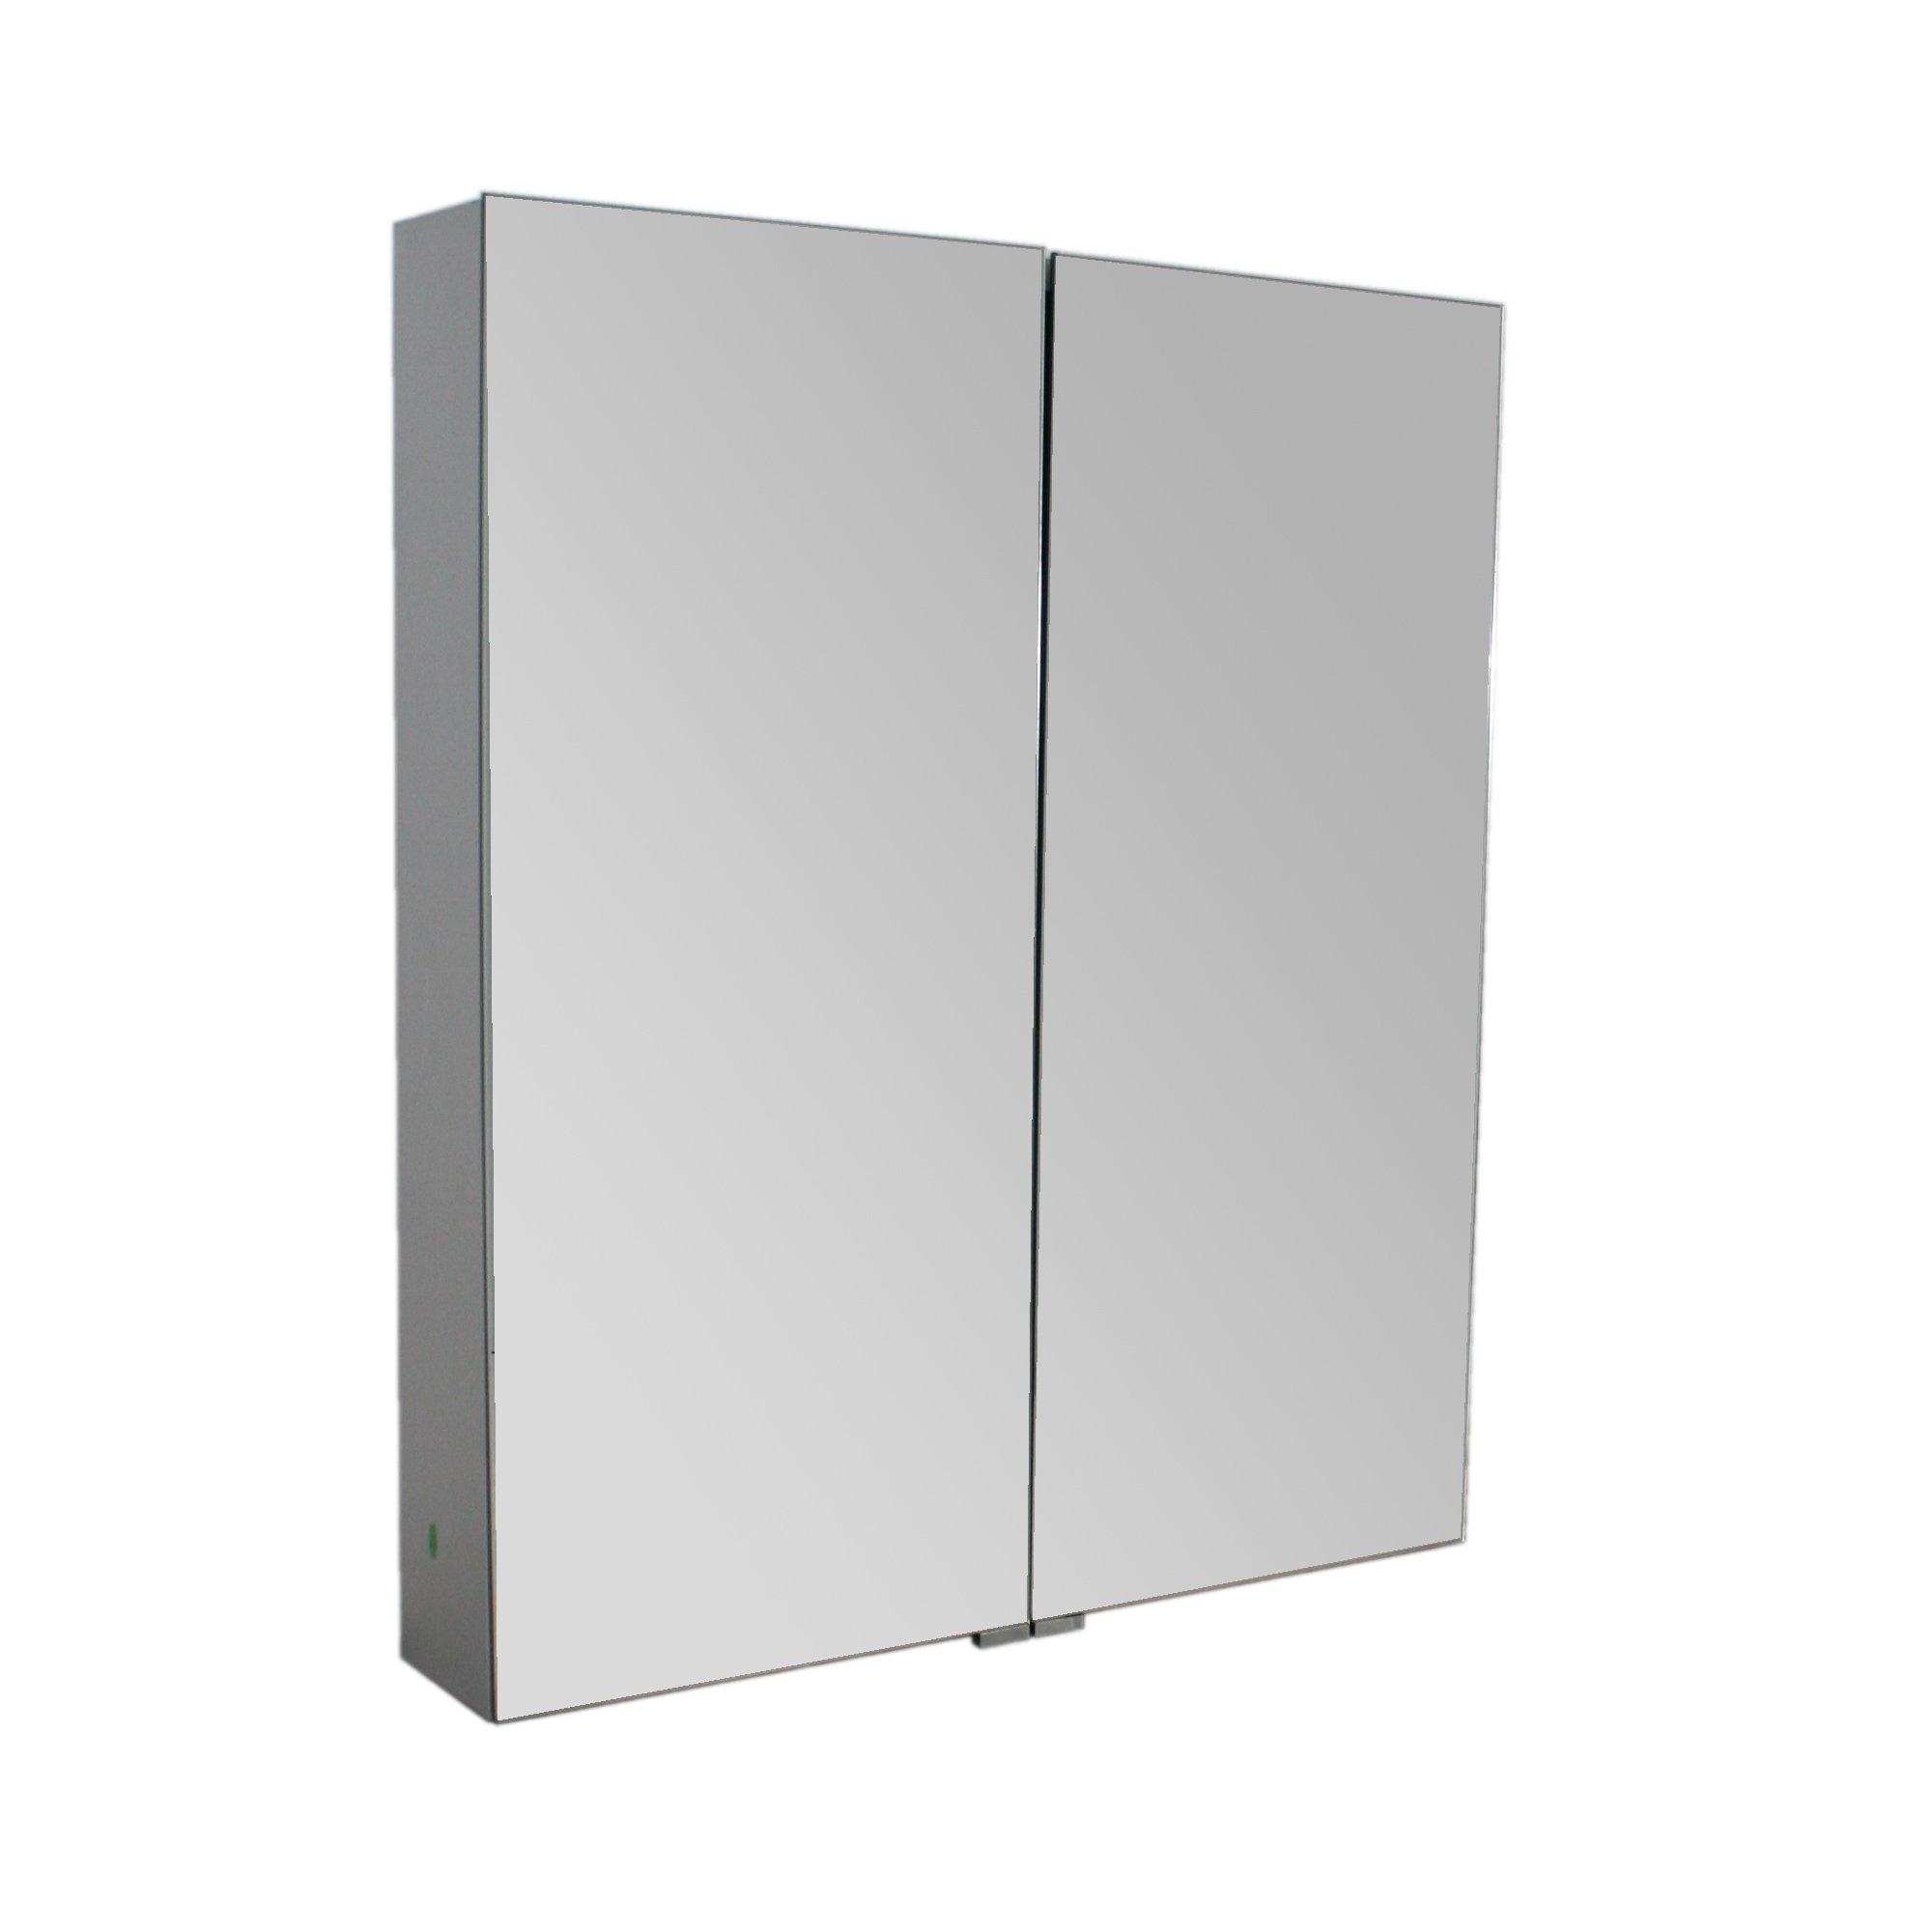 Aluminium-Spiegelschrank G600 2-türig - innen und außen Spiegel - 60 x 70,3 x 12,6 cm